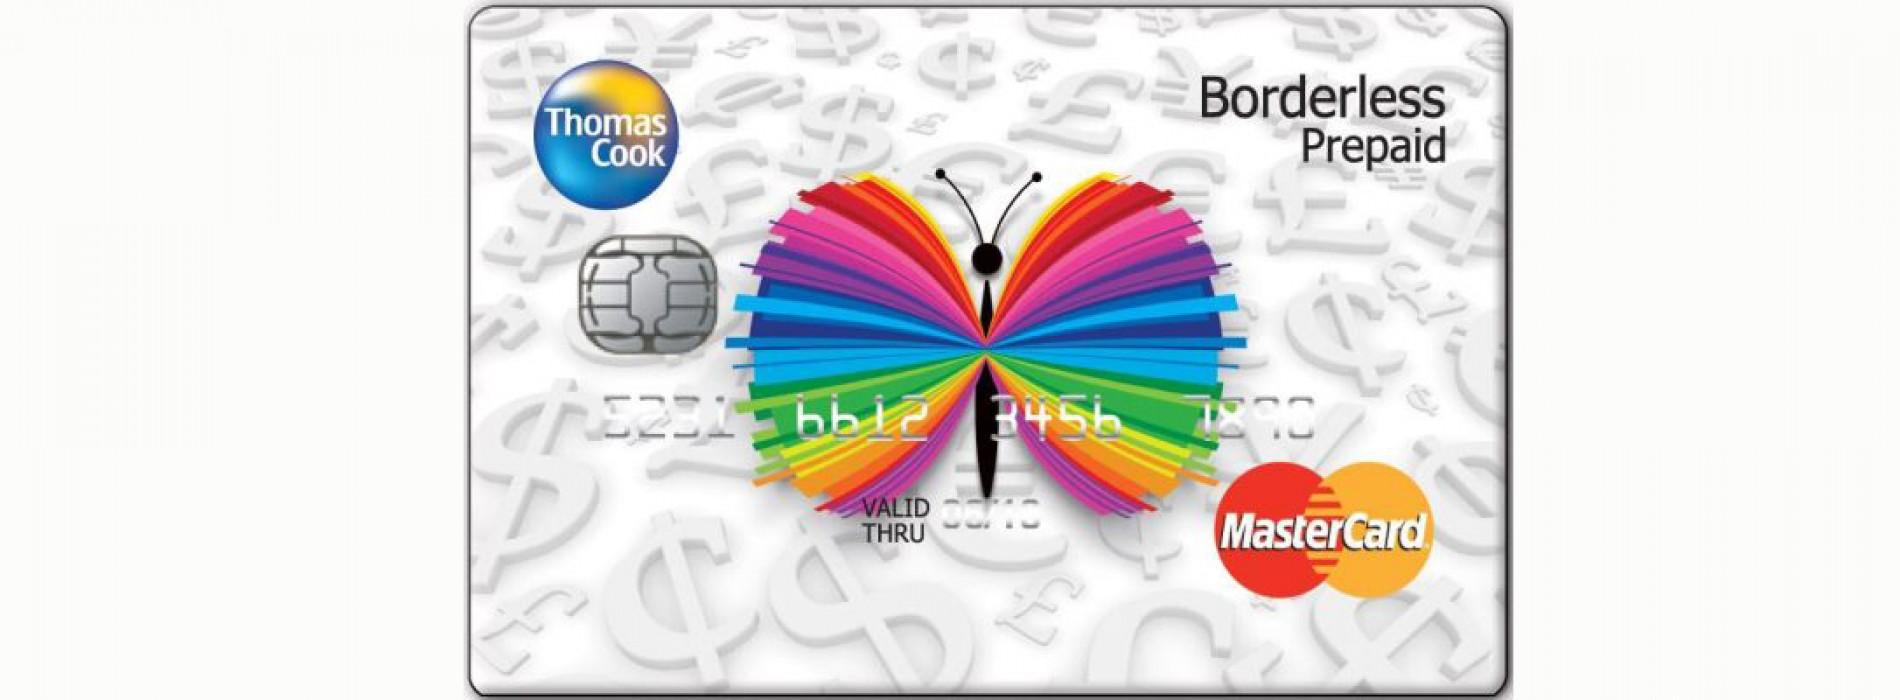 Thomas Cook India introduces UAE Dirham to its Borderless Prepaid Card